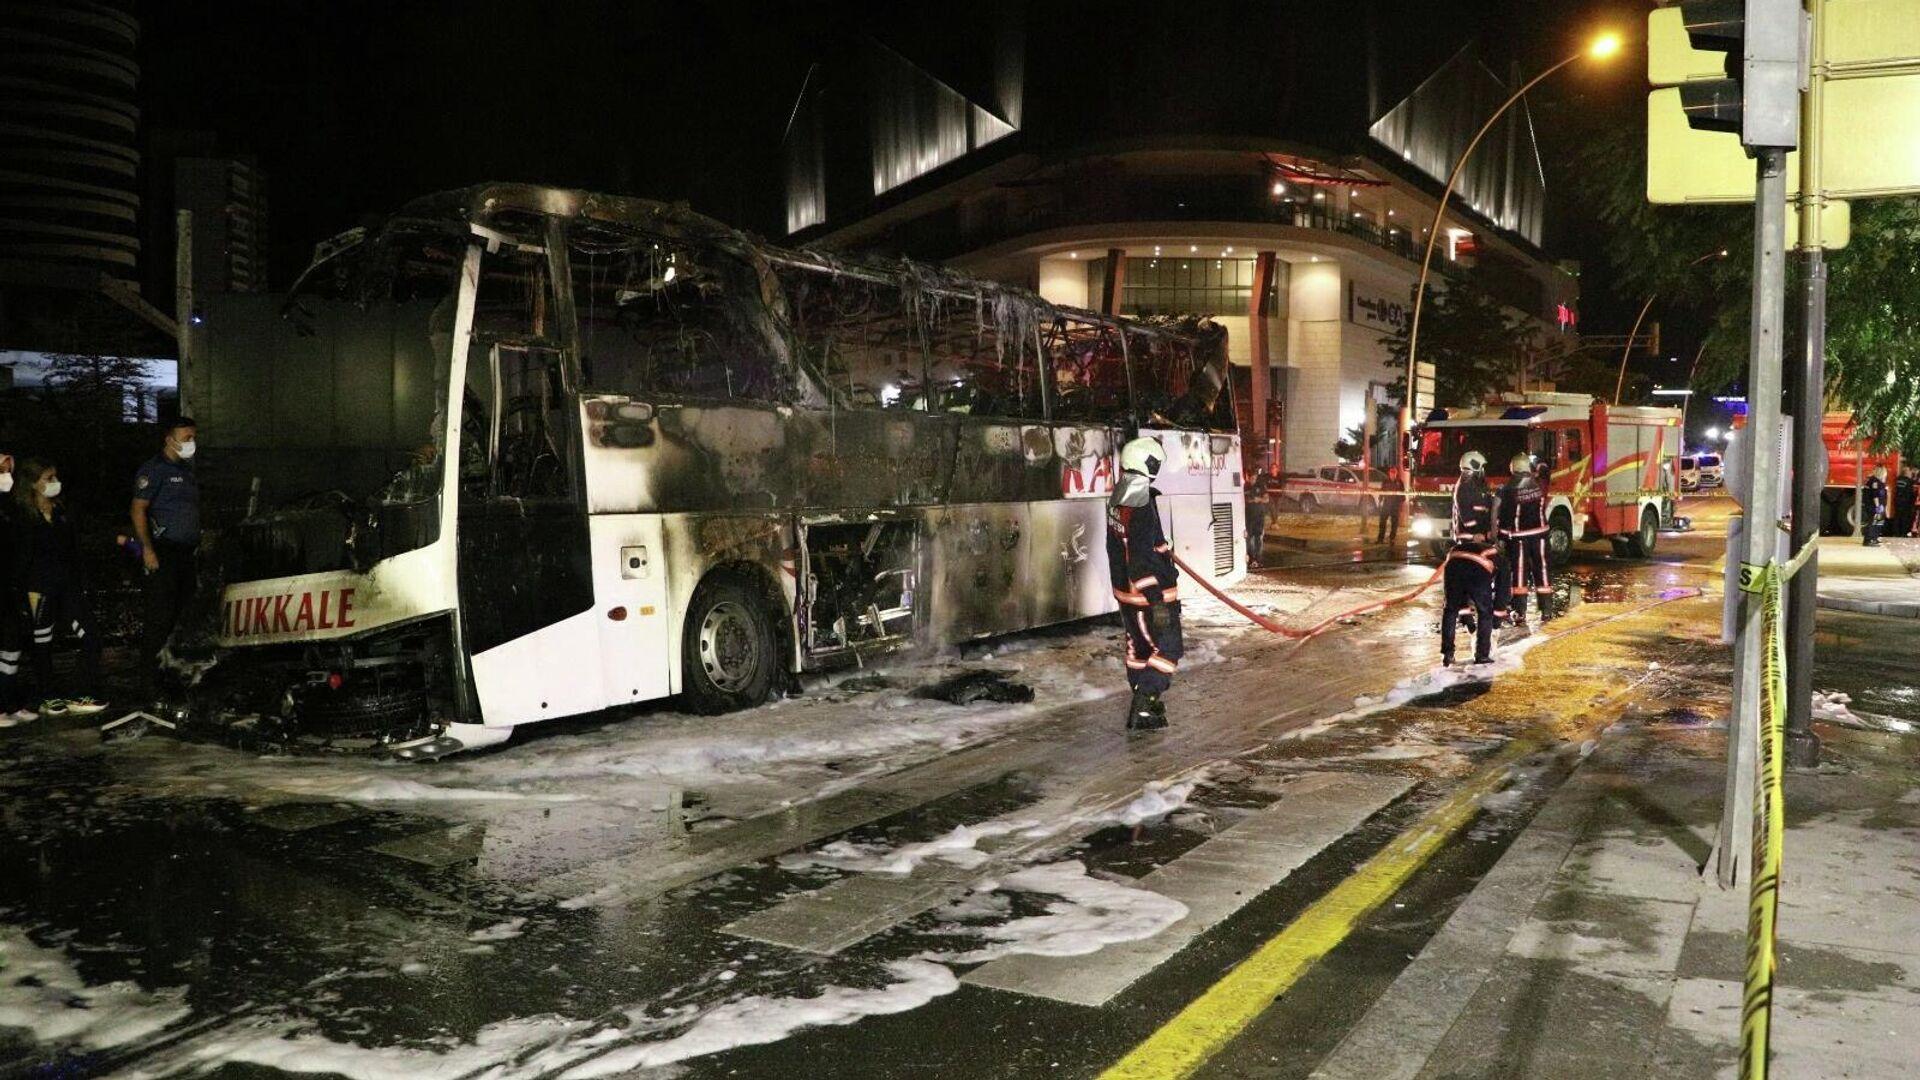 Ankara'nın Çankaya ilçesinde önce yön levhasına daha sonra aydınlatma direklerine çarpan şehirlerarası yolcu otobüsünün yanması sonucu 1 kişi hayatını kaybederken 3'ü ağır 17 kişi yaralandı. Alev alan otobüsü fark eden lojmanlardaki askerlerin, yolcuları kısa sürede tahliye ederek büyük bir facianın önüne geçtikleri öğrenildi. - Sputnik Türkiye, 1920, 11.09.2021